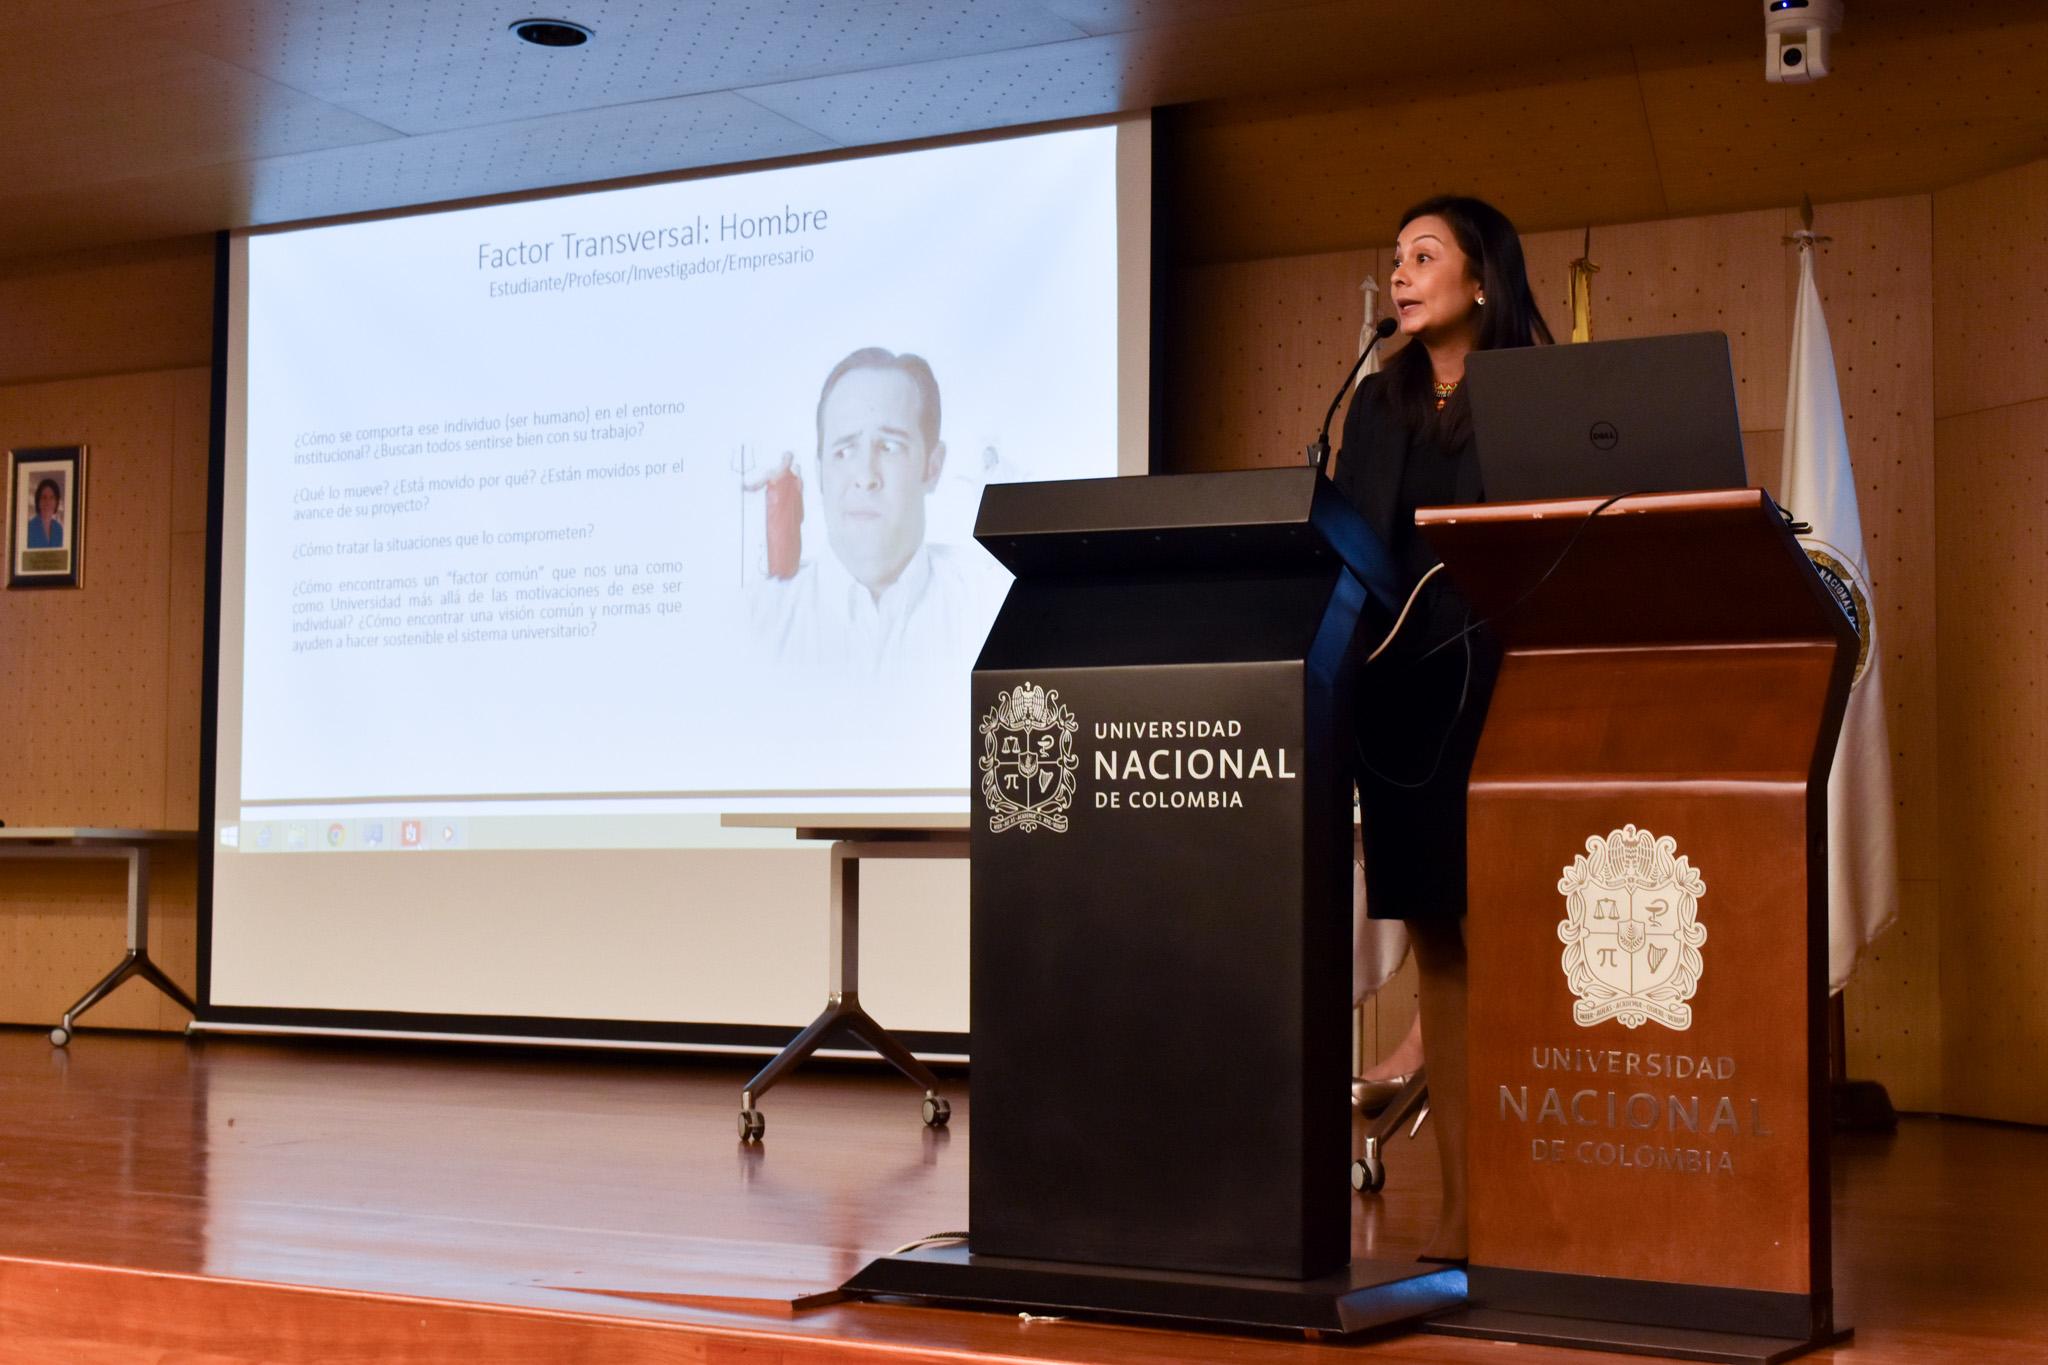 Catalina Atehortúa García, abogada especialista en Propiedad Industrial, Derechos de Autor y Nuevas Tecnologías (Foto: Aura Flechas /Dirección Nacional de Extensión, Innovación y Propiedad Intelectual / Vicerrectoría de Investigación/U. N.)